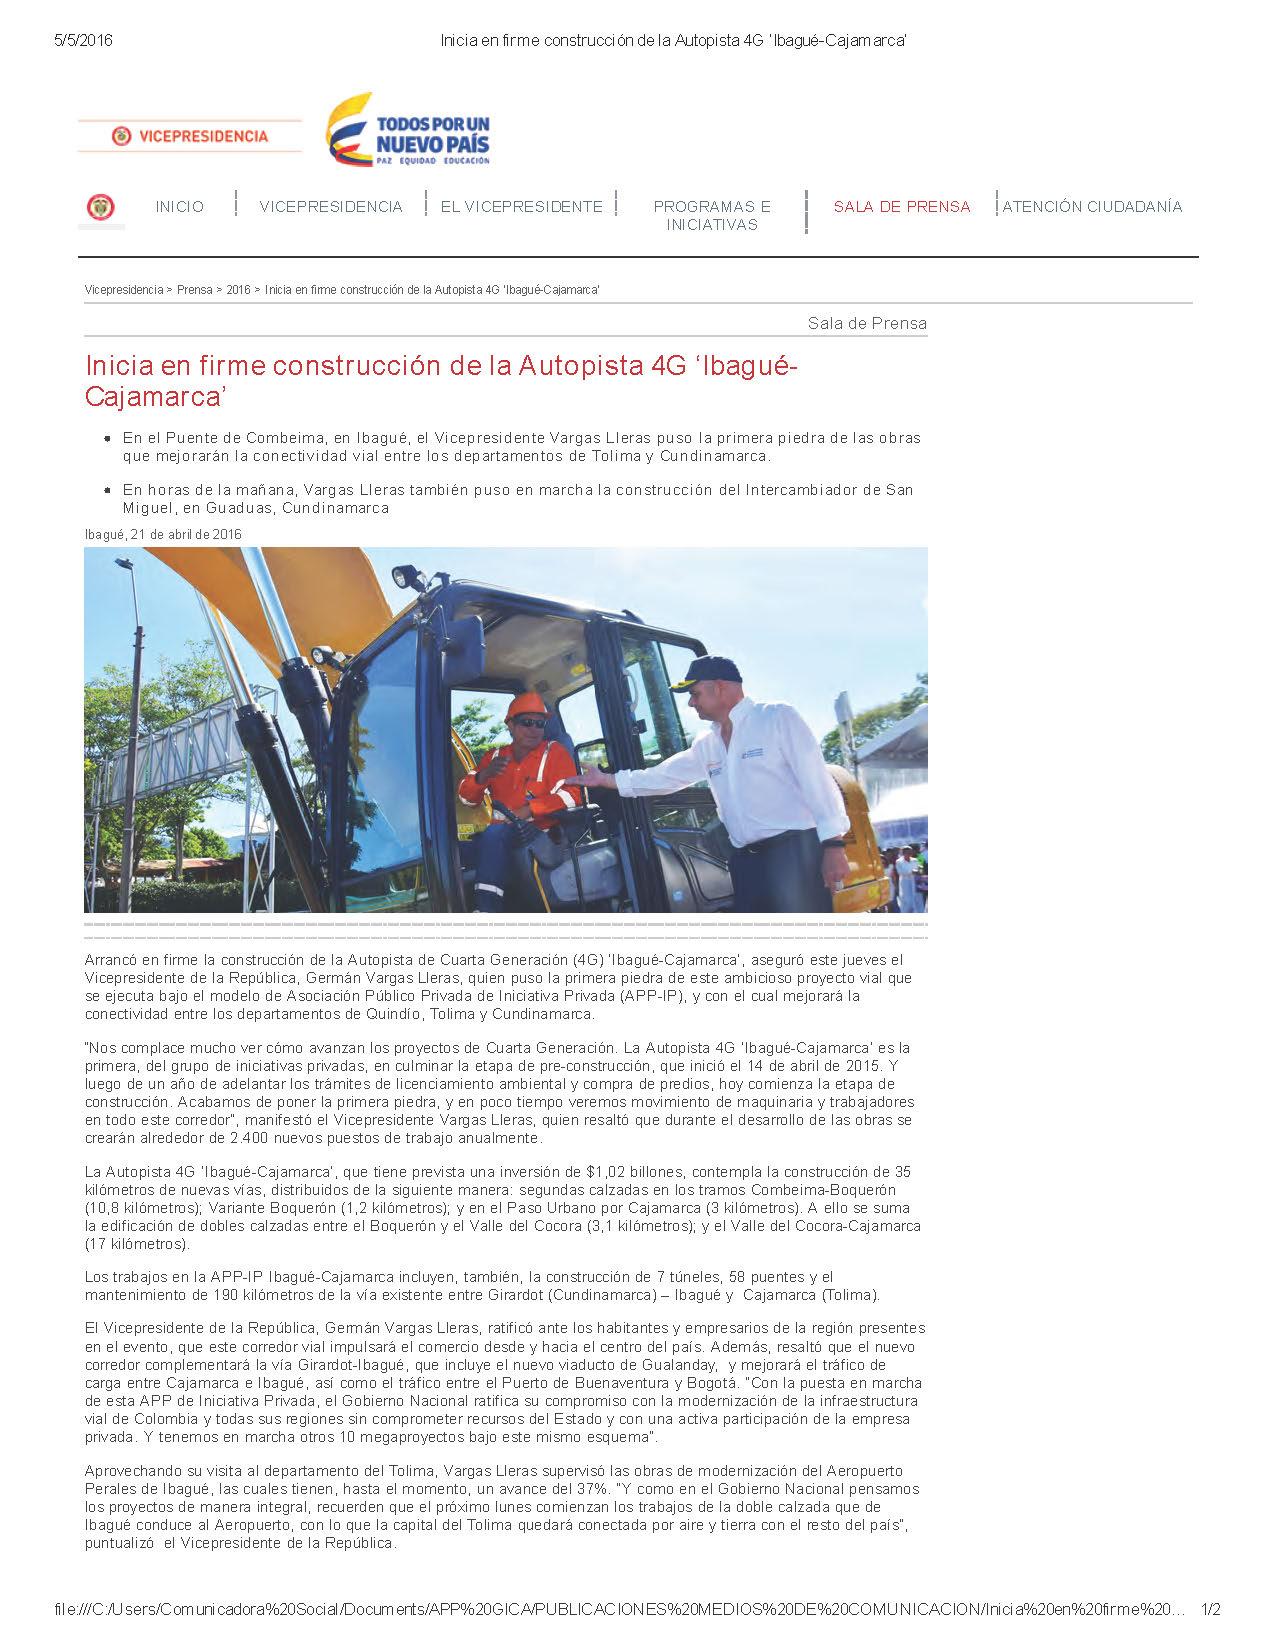 Inicia_construccion_Autopista